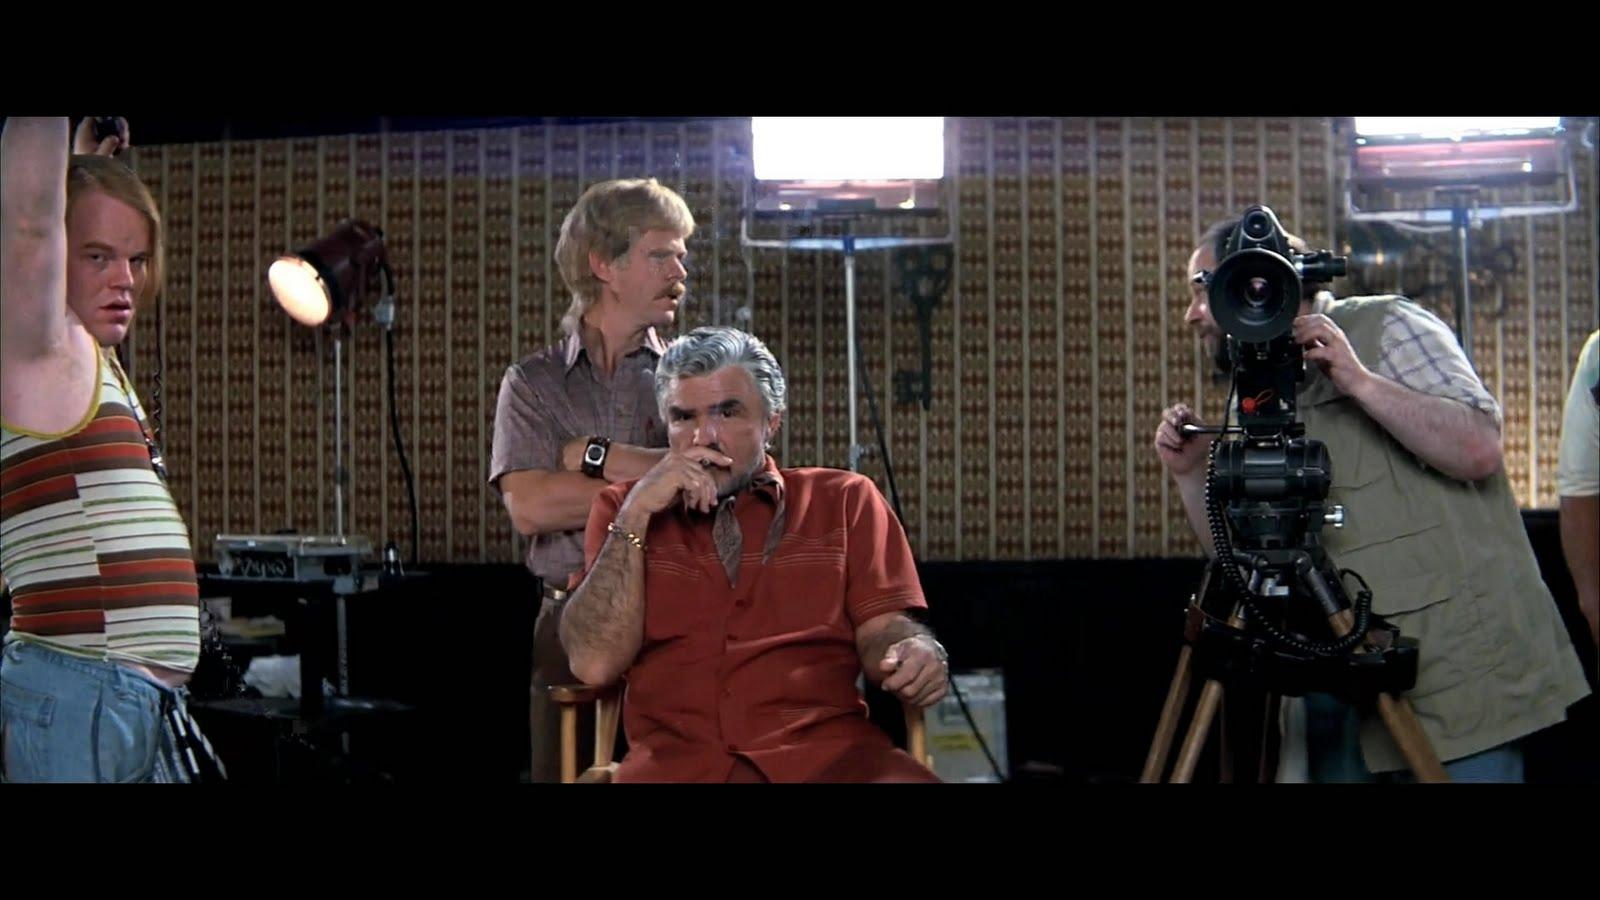 http://4.bp.blogspot.com/-a23oI8WZrOs/UDd0gUuHr3I/AAAAAAAAB_w/K3yitoyXyFU/s1600/boogie-nights-moviemaking.jpg